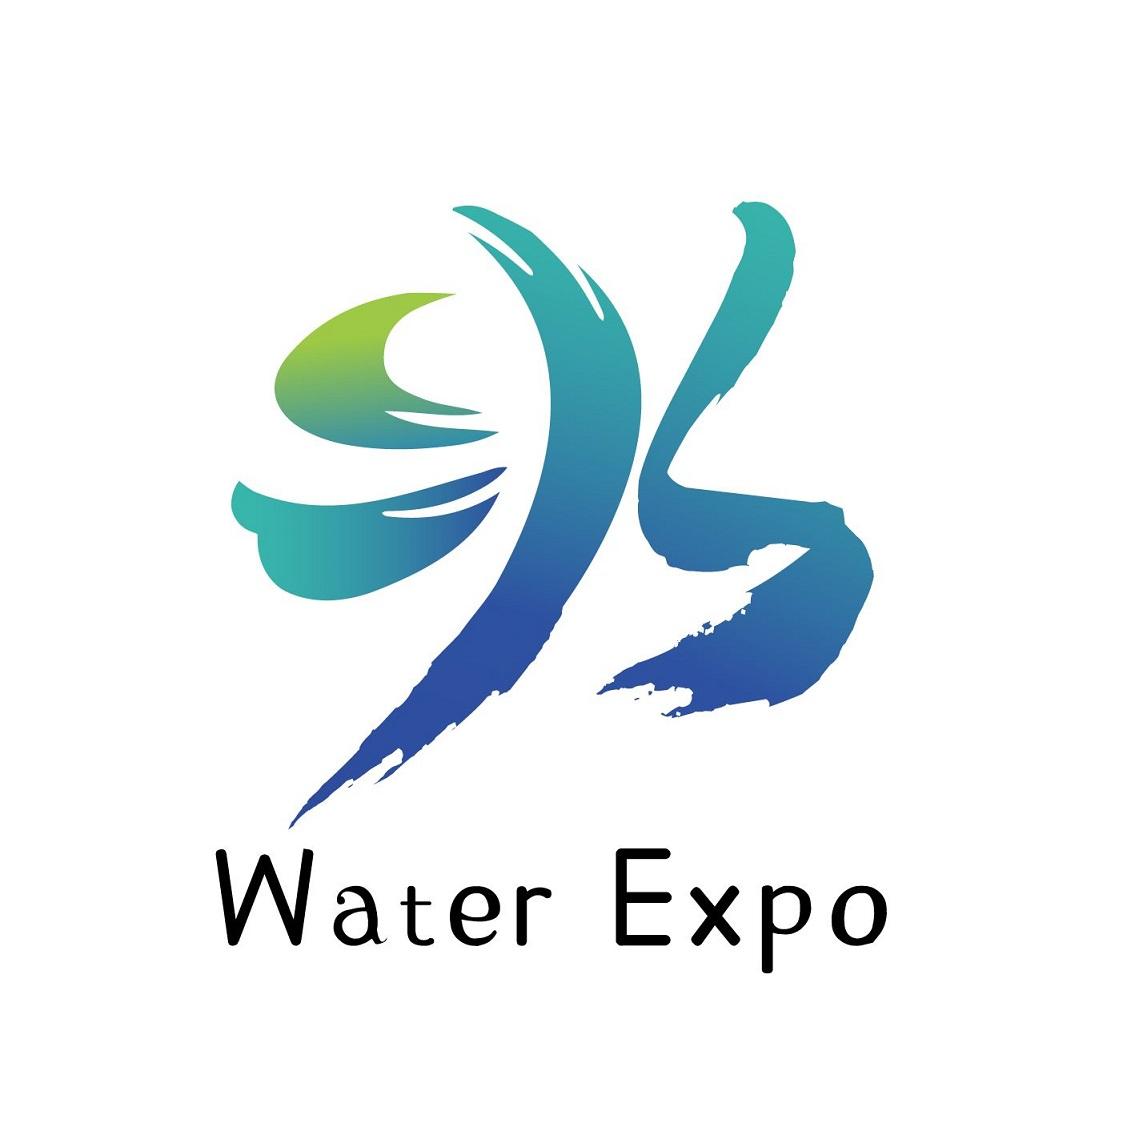 2020第六屆世界水谷論壇暨水處理技術與設備展覽會